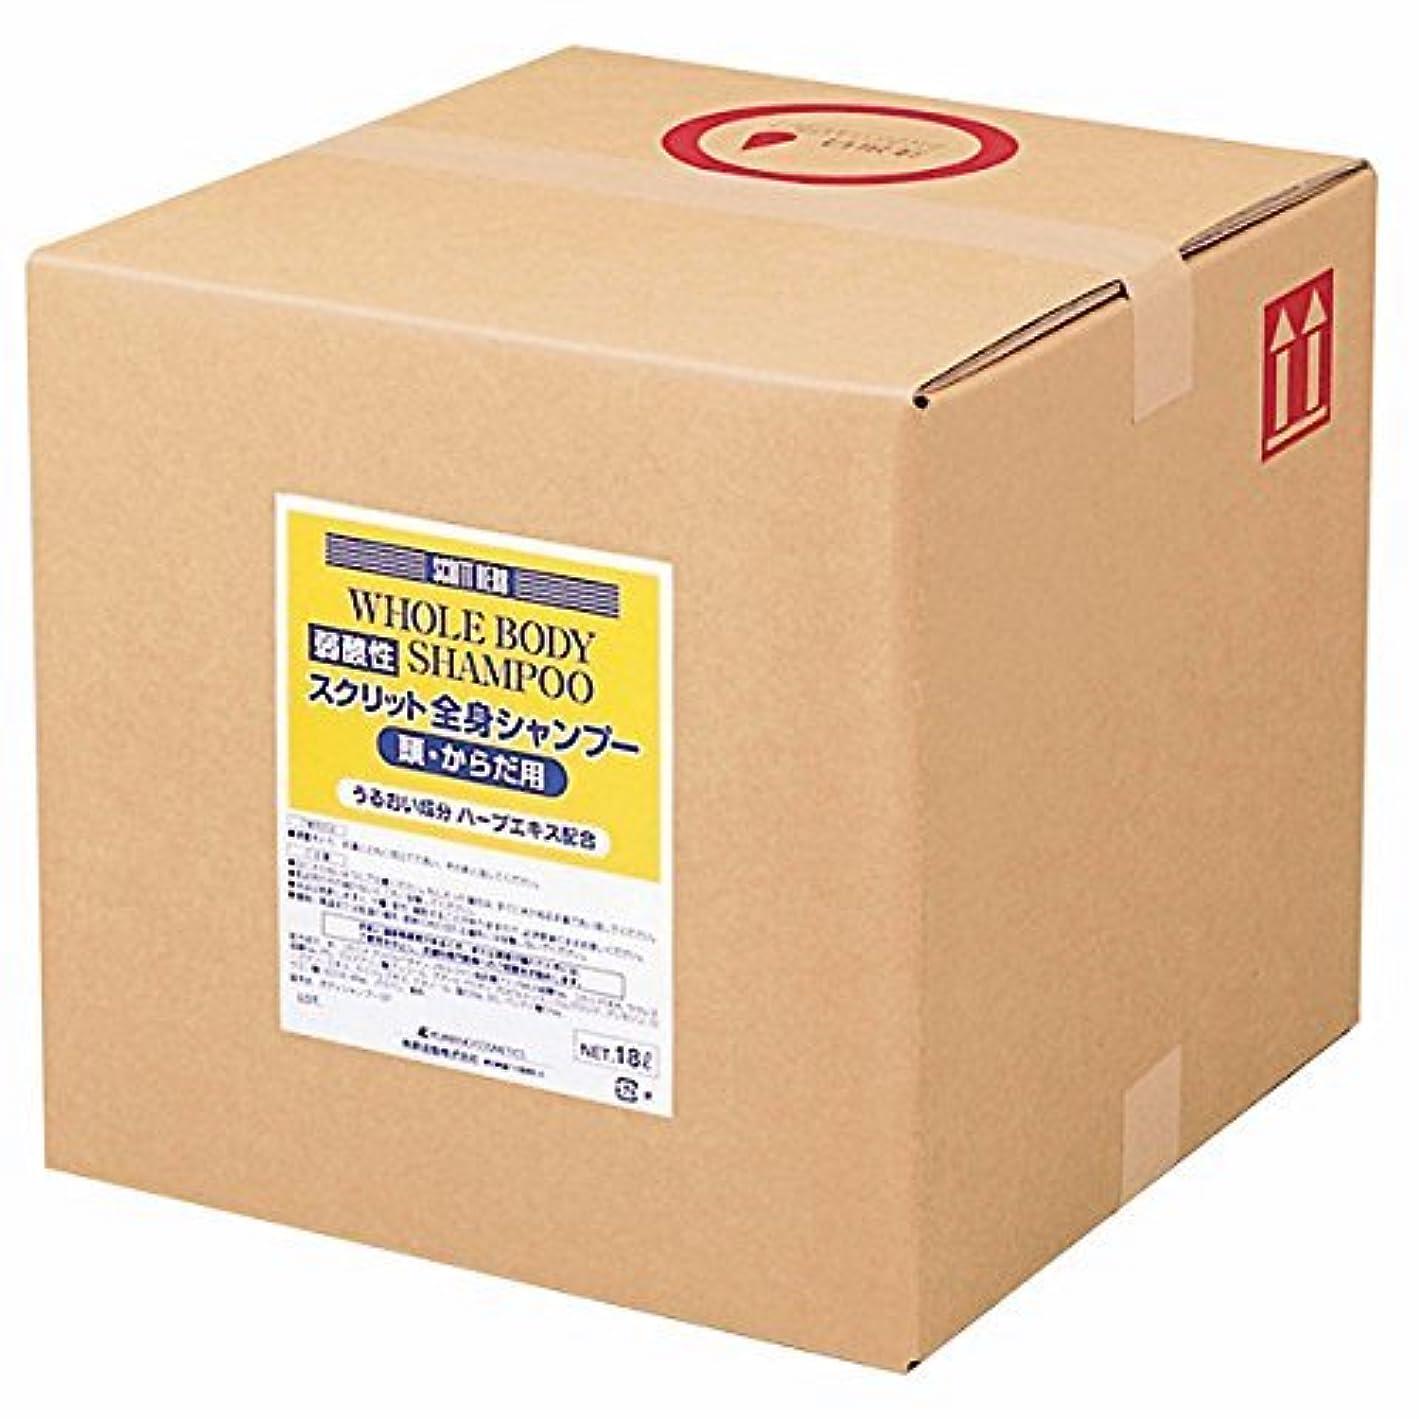 種をまくエンターテインメント気性熊野油脂 業務用 SCRITT(スクリット) 全身シャンプー 18L